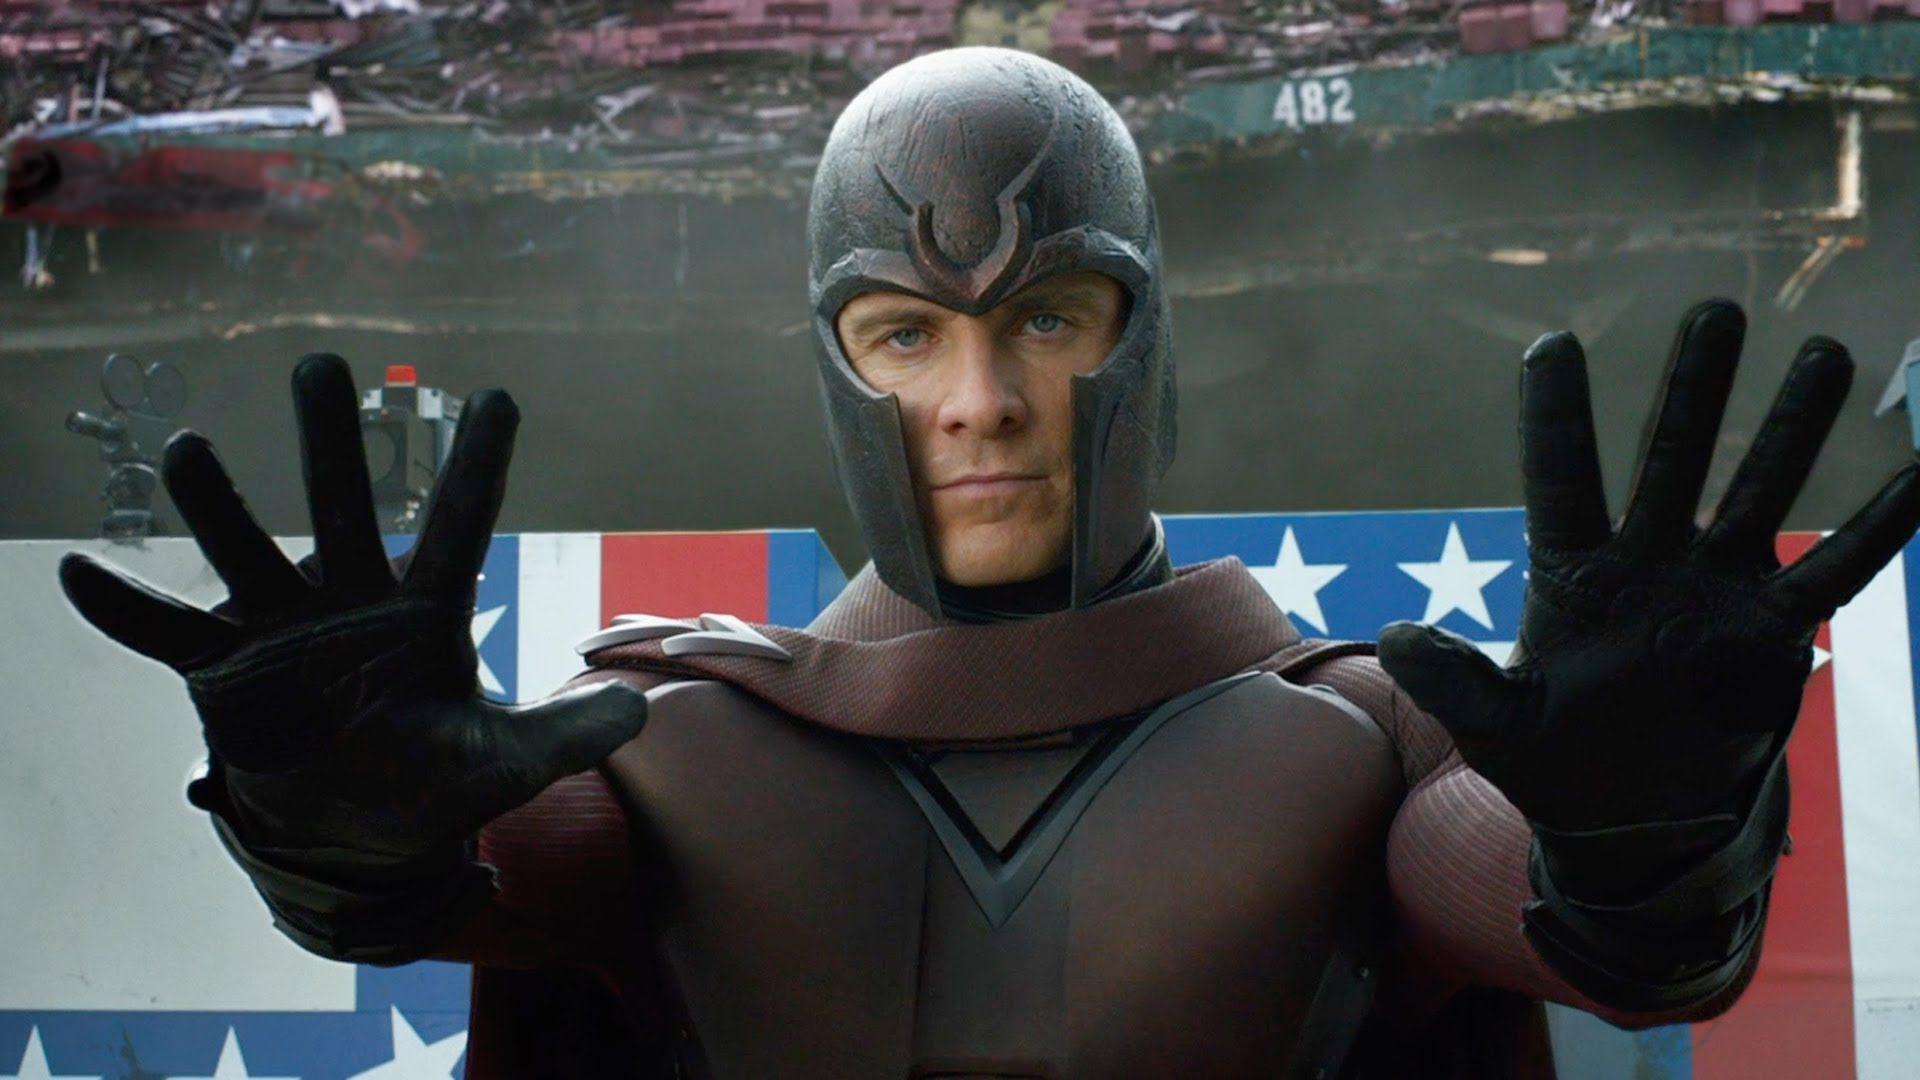 """Esta última reunión de los X-Men dará paso a una guerra por la supervivencia de la especie a través de dos períodos de tiempo en X-MEN: Días del Futuro PASADO. Los queridos personajes de la """"X-Men"""" trilogía original, unen sus fuerzas con su versión más joven de si mismos de """"X-Men: Primera Generación"""", en una batalla épica que debe cambiar el pasado - para salvar nuestro futuro."""